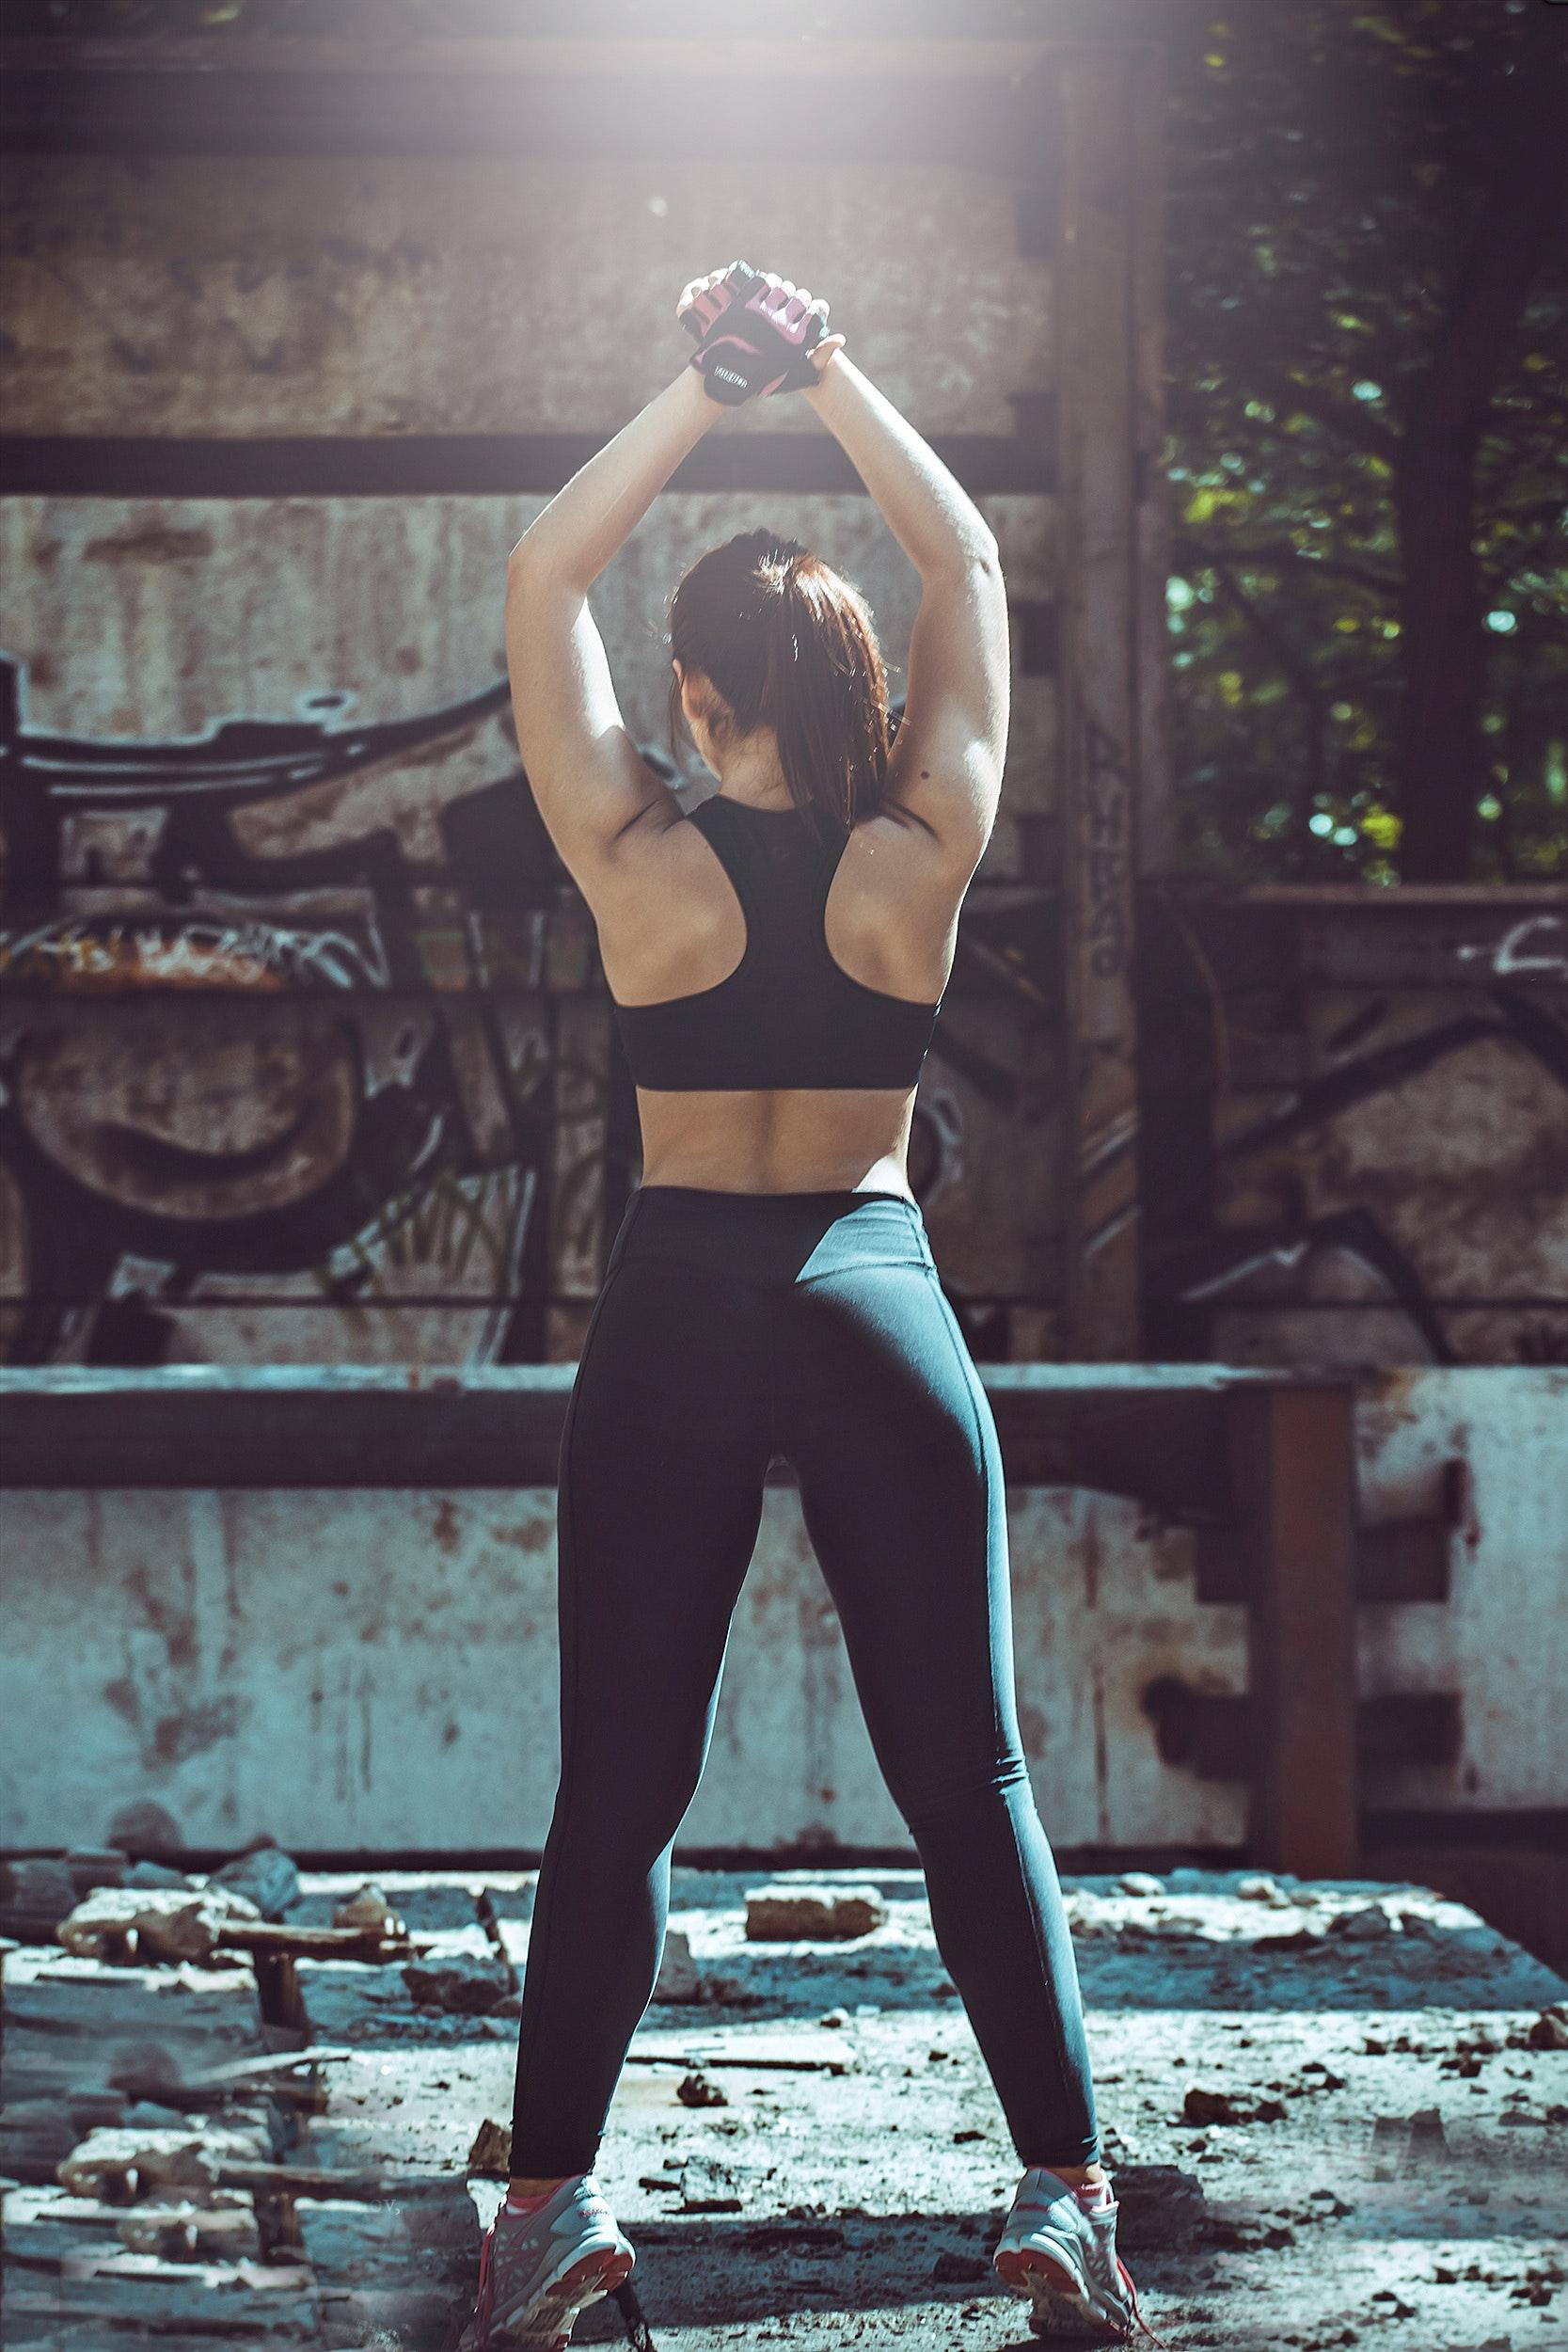 body-fashion-female-206515.jpg